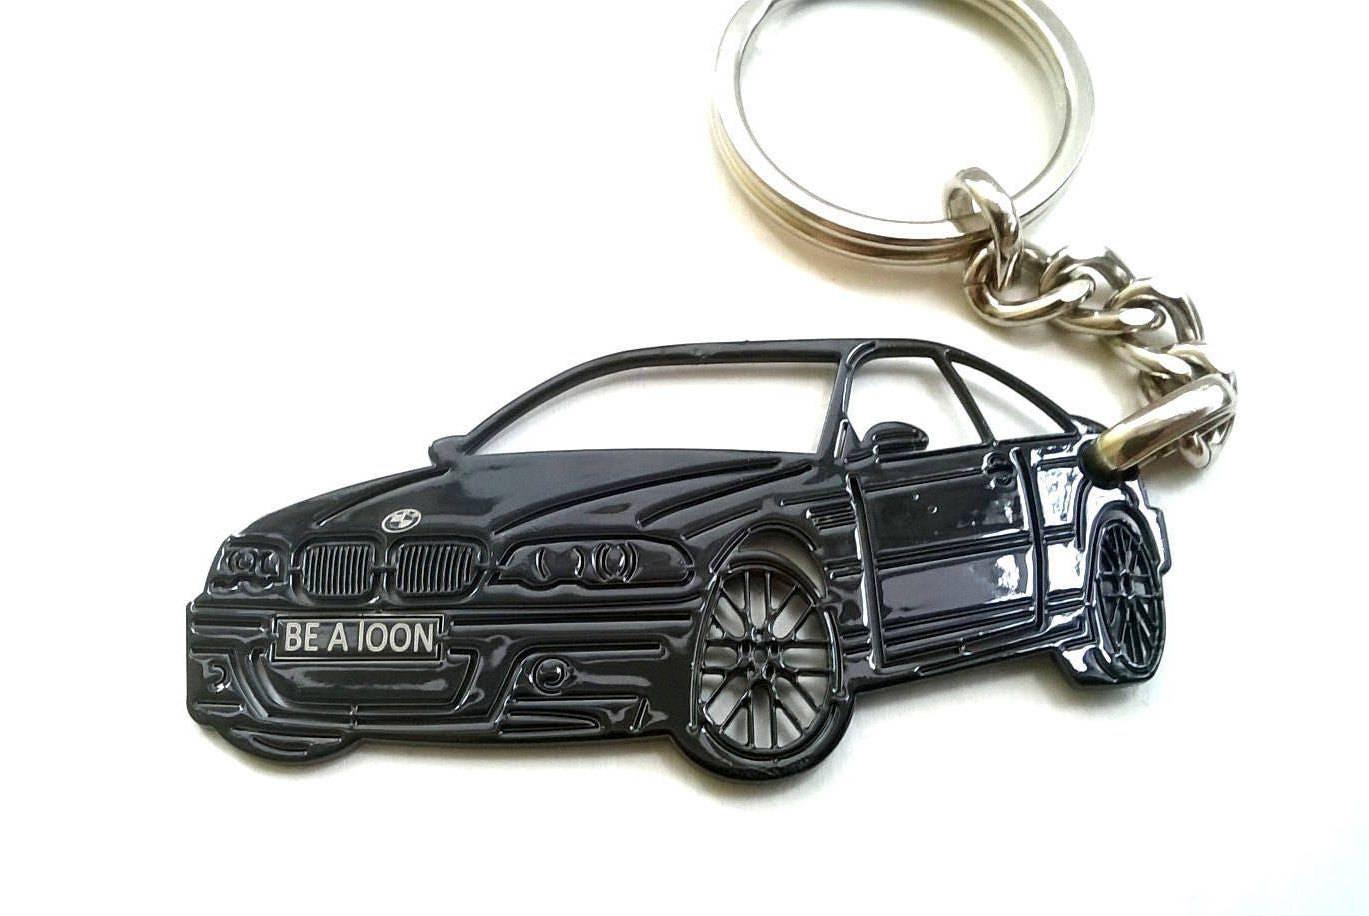 boyfriend gift bmw keychain bmw m3 BMW e46 m3 keychain car ...